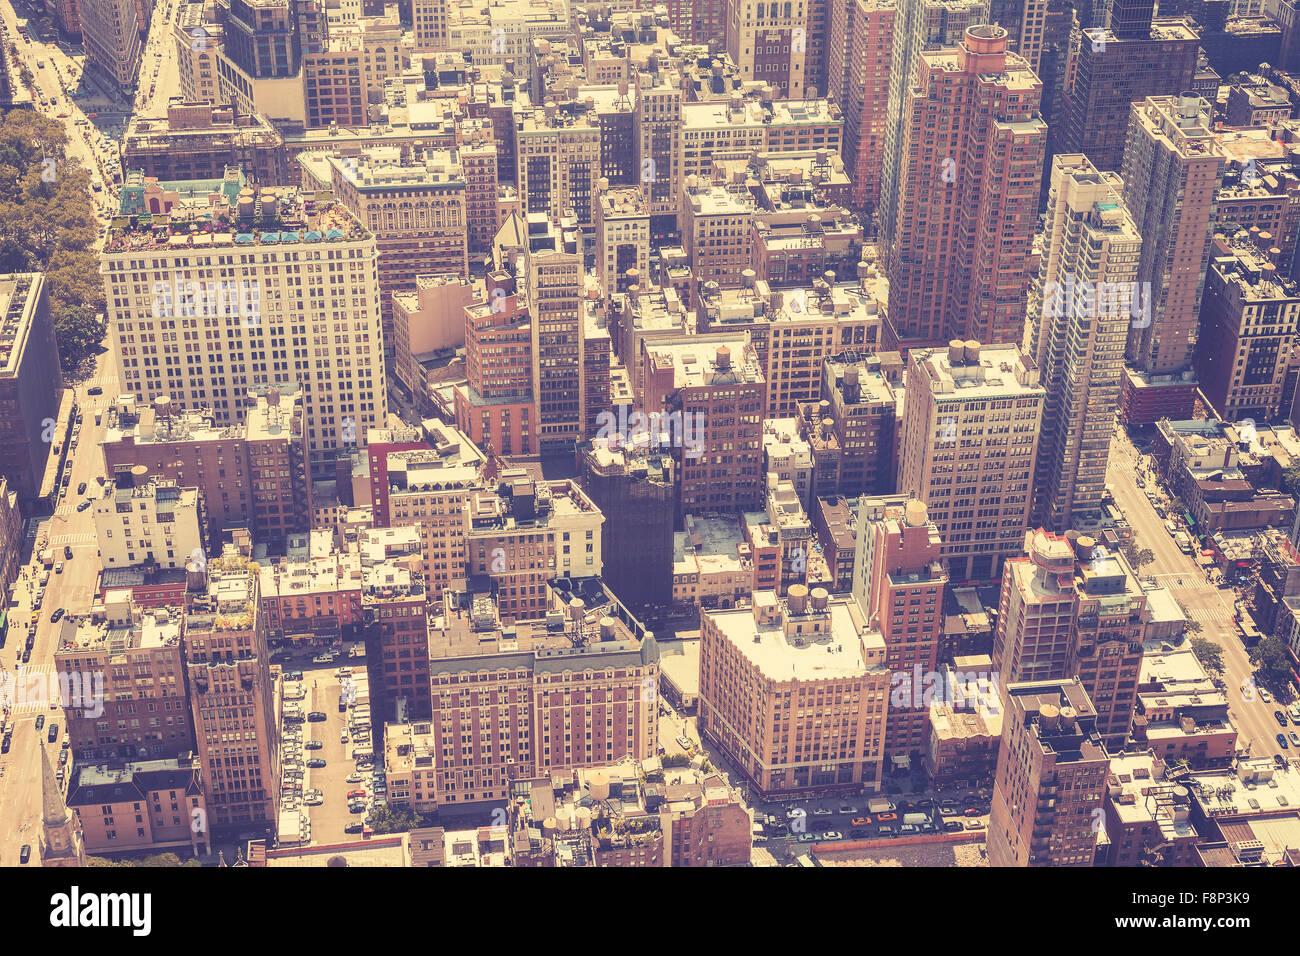 Stylisé vintage photo aérienne de Manhattan, New York, USA Banque D'Images